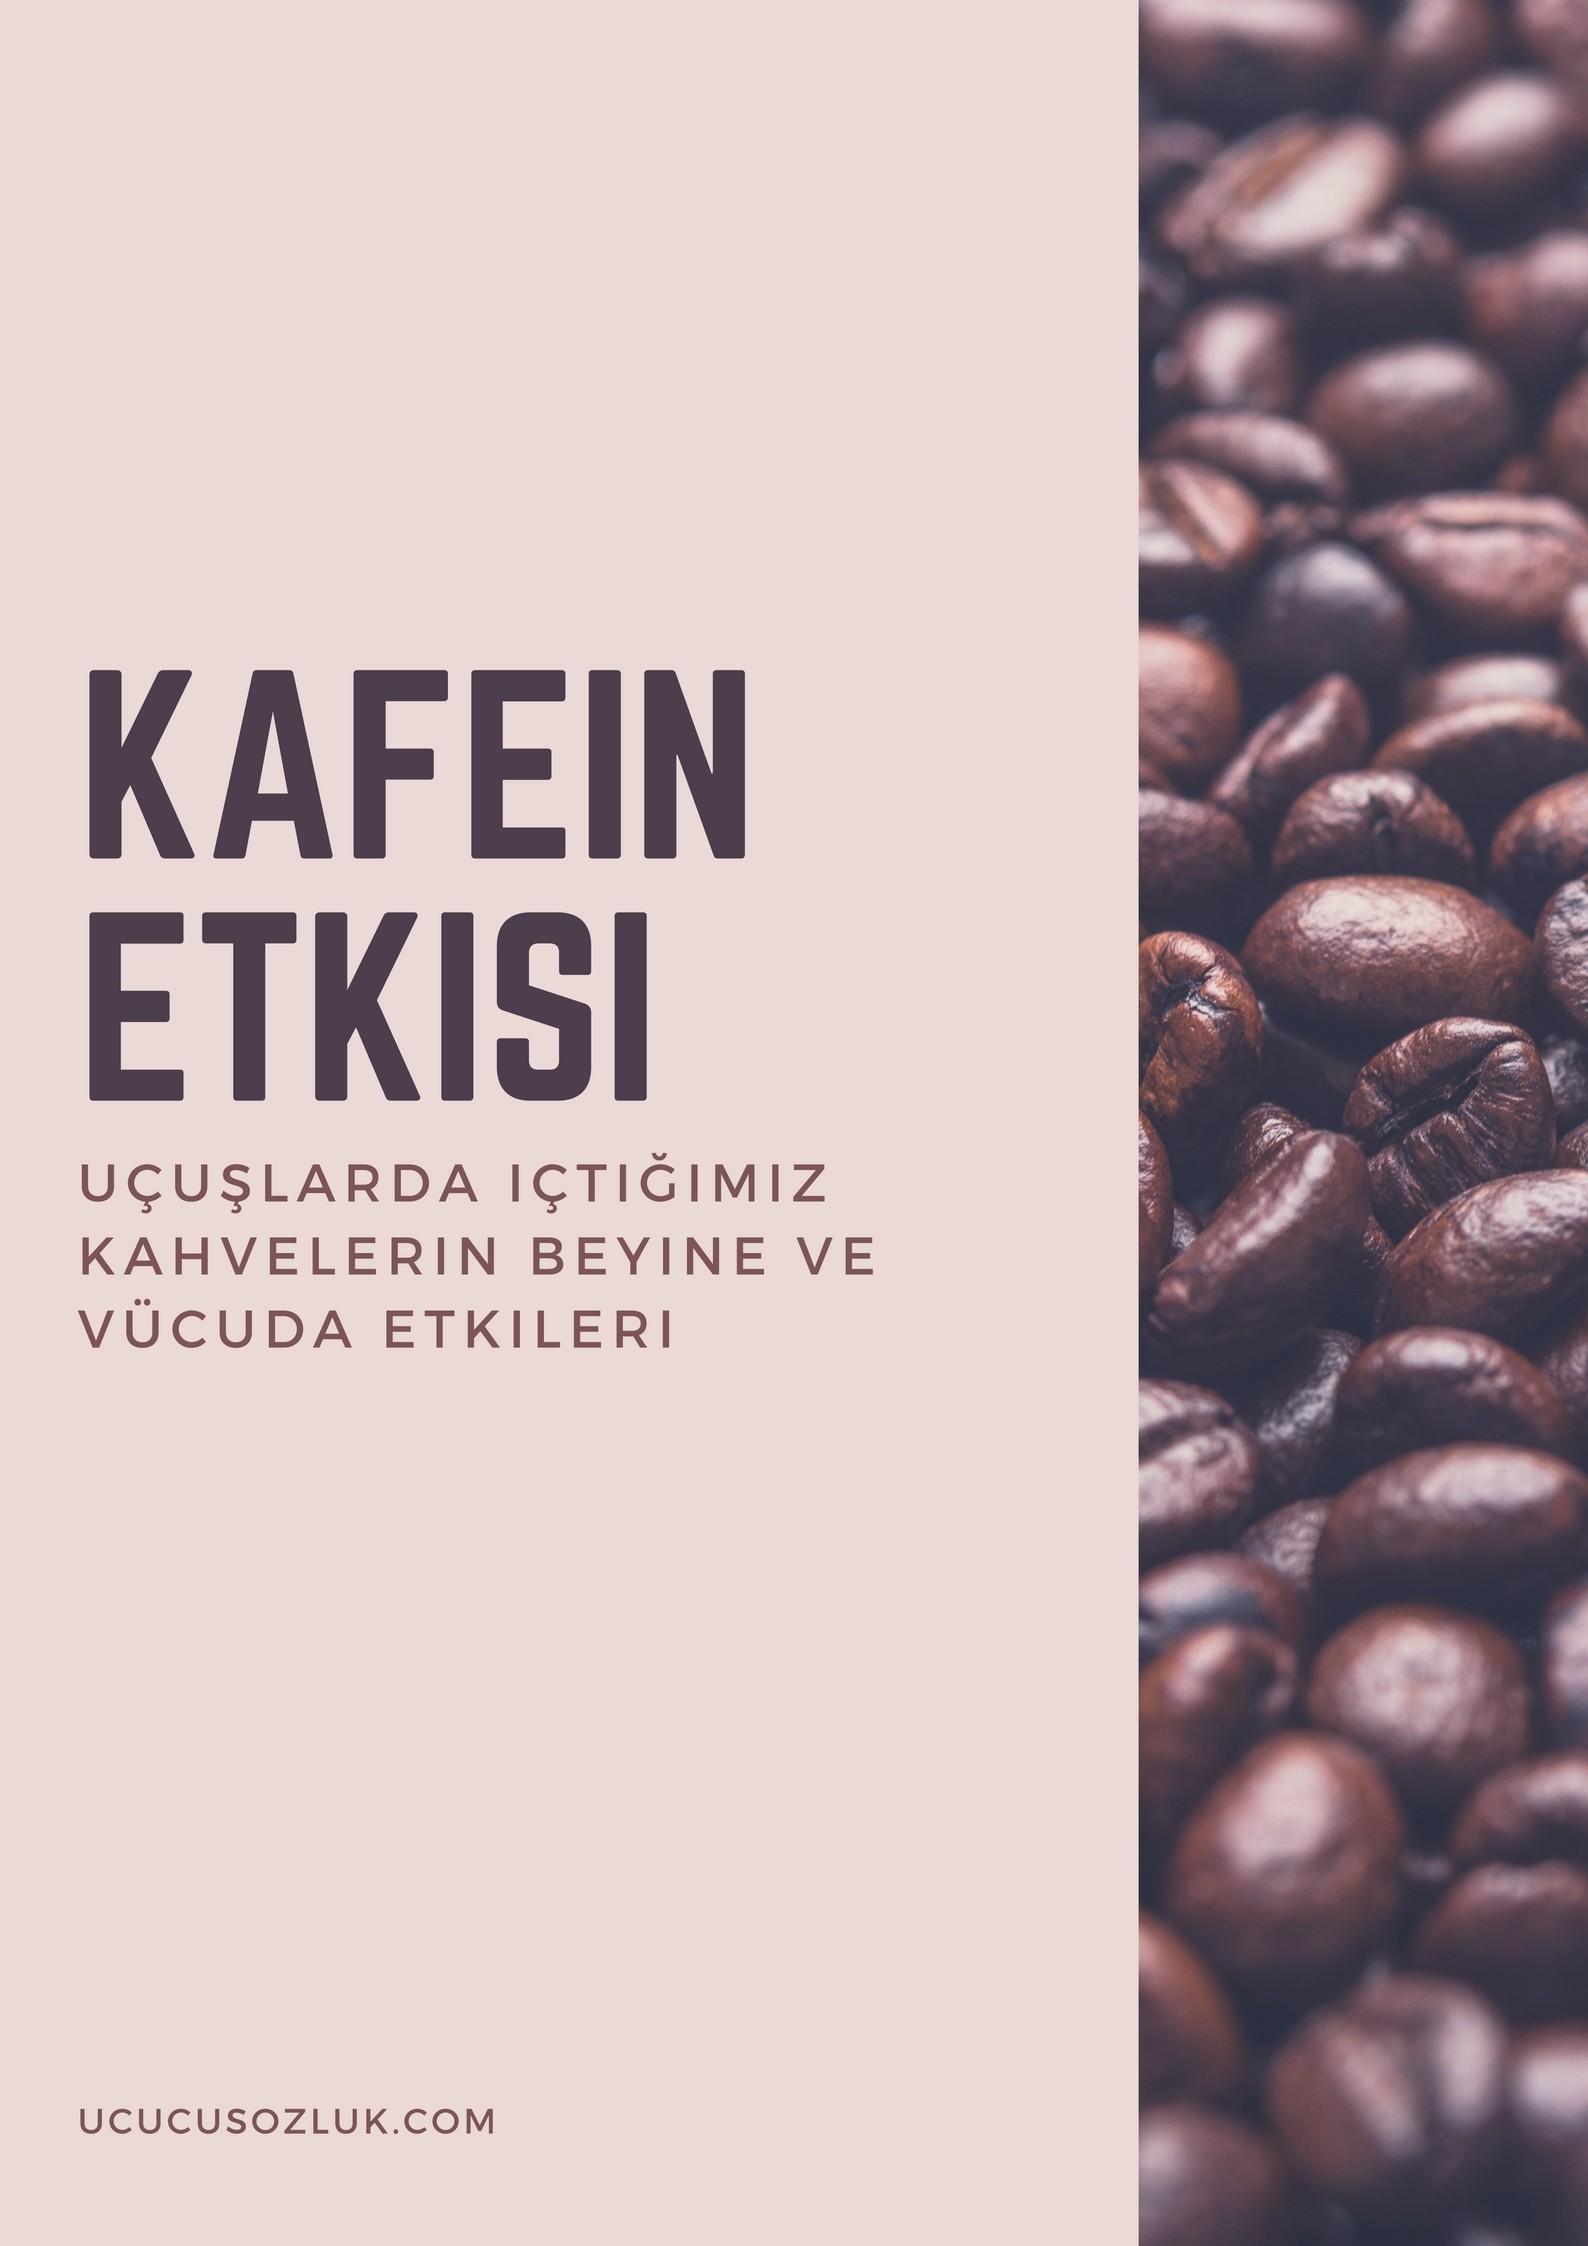 kafein etkisi